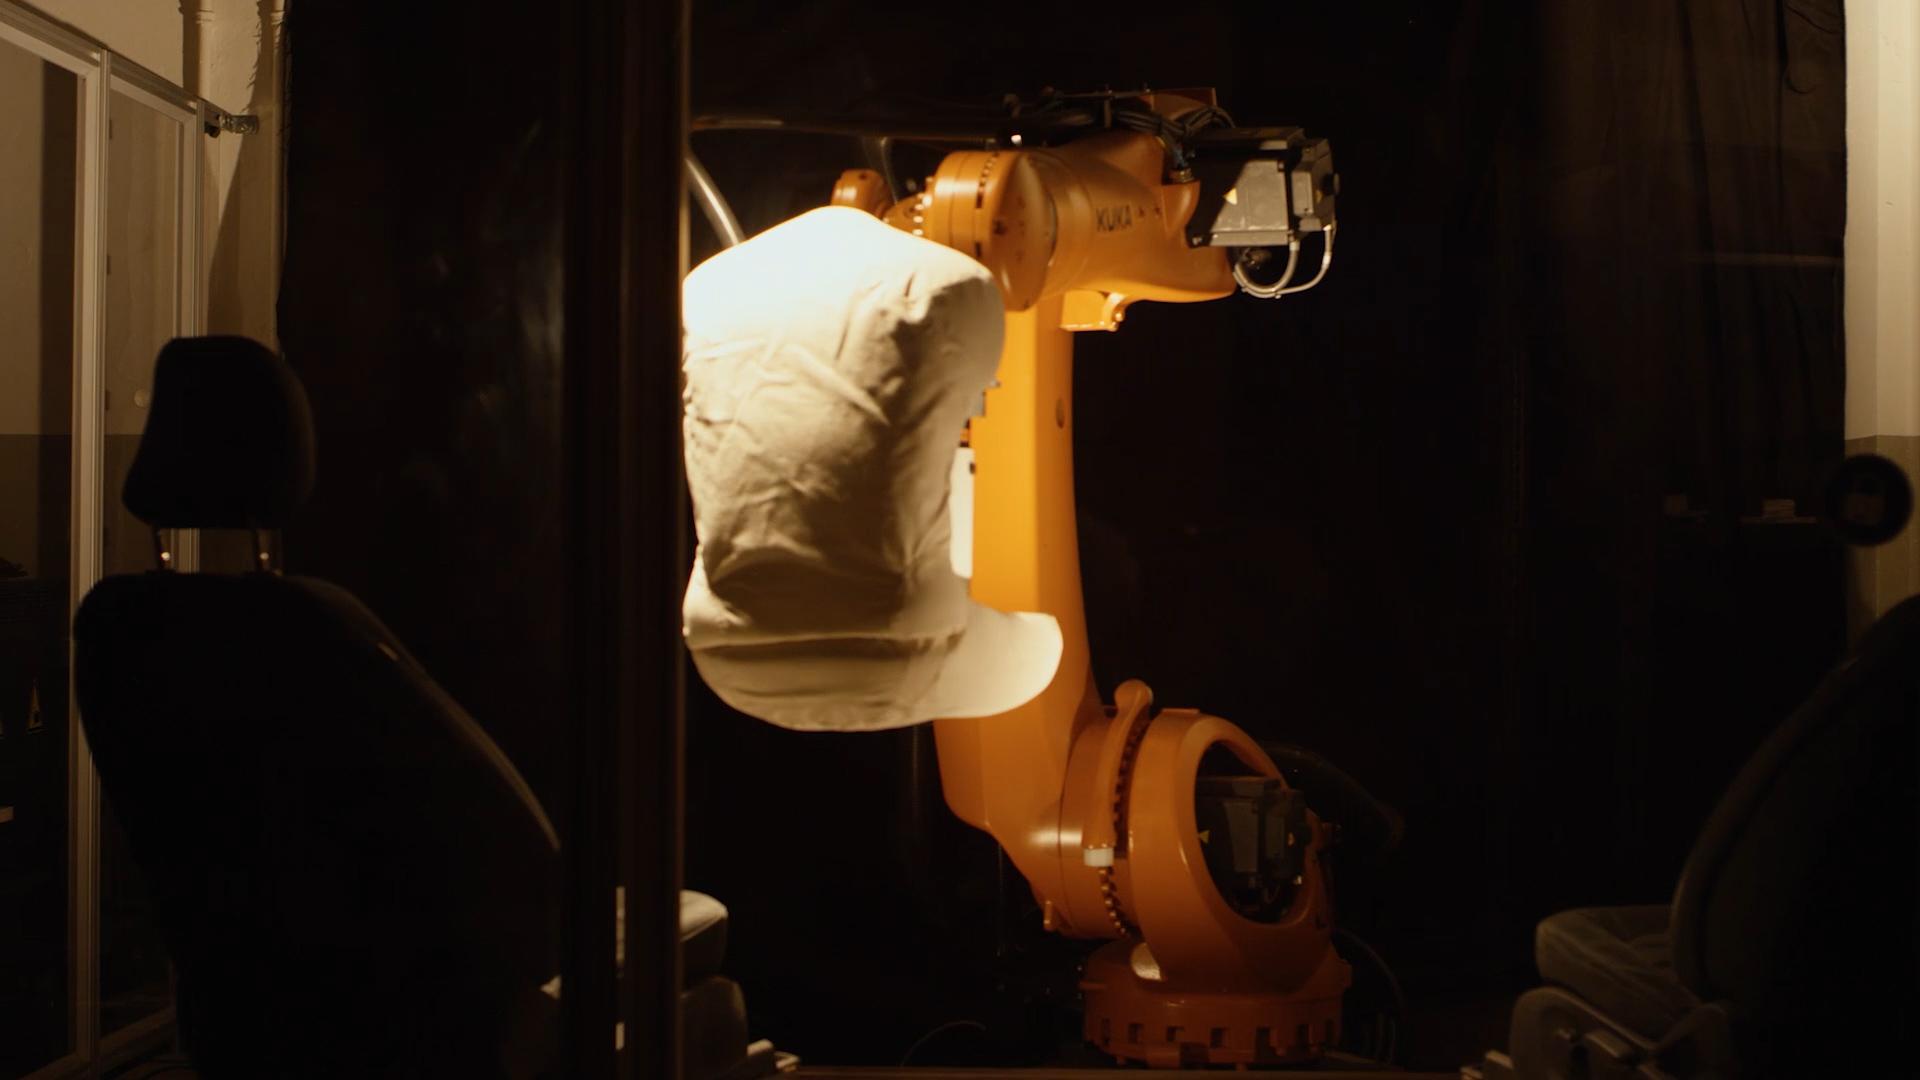 【圖二】模仿人體臀部的機器人裝置Robutt可以在三周內完成大約25,000次就坐起身動作.jpg